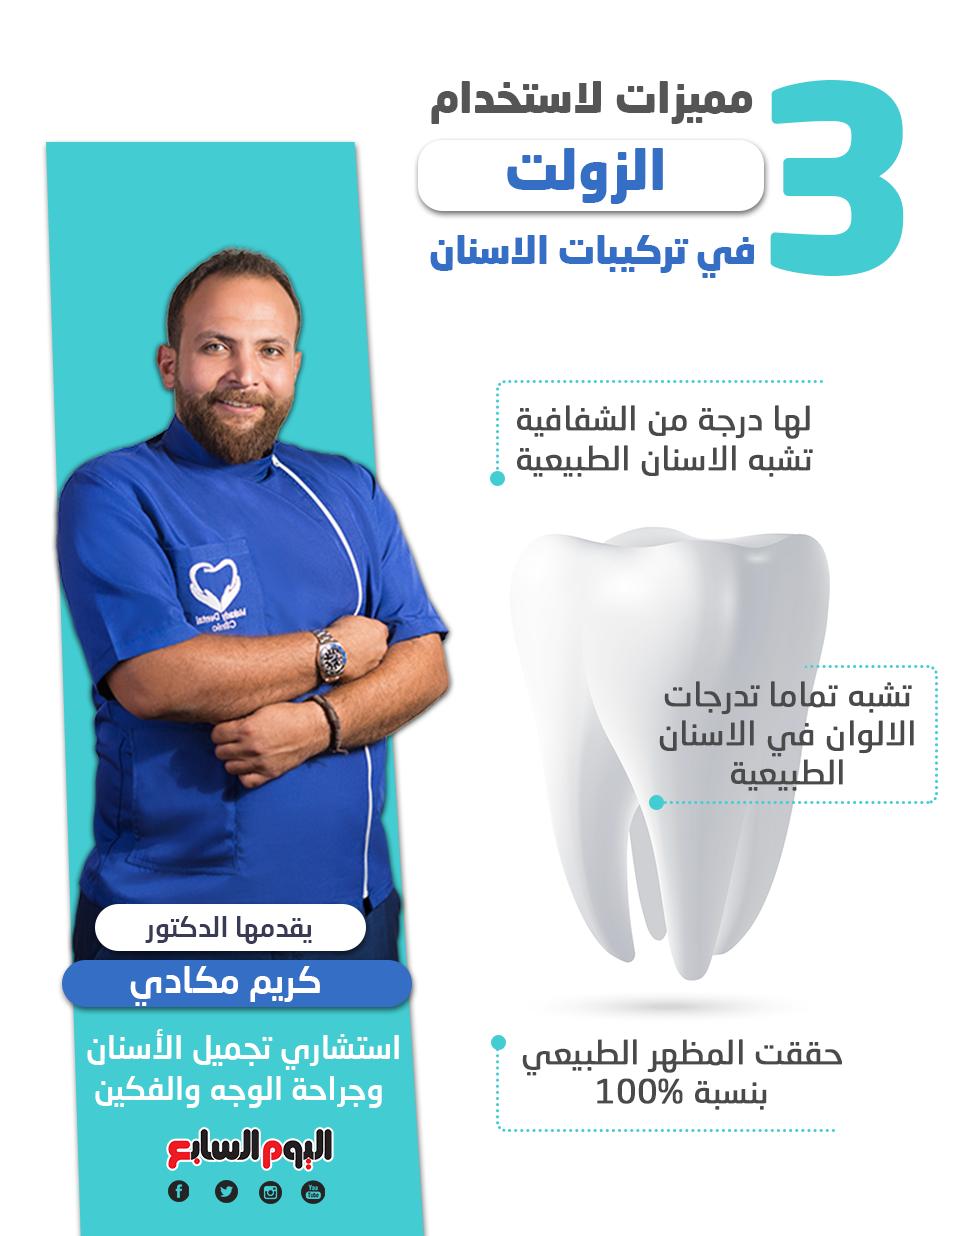 """3 مميزات لاستخدام """" الزولت"""" في تركيبات الاسنان"""